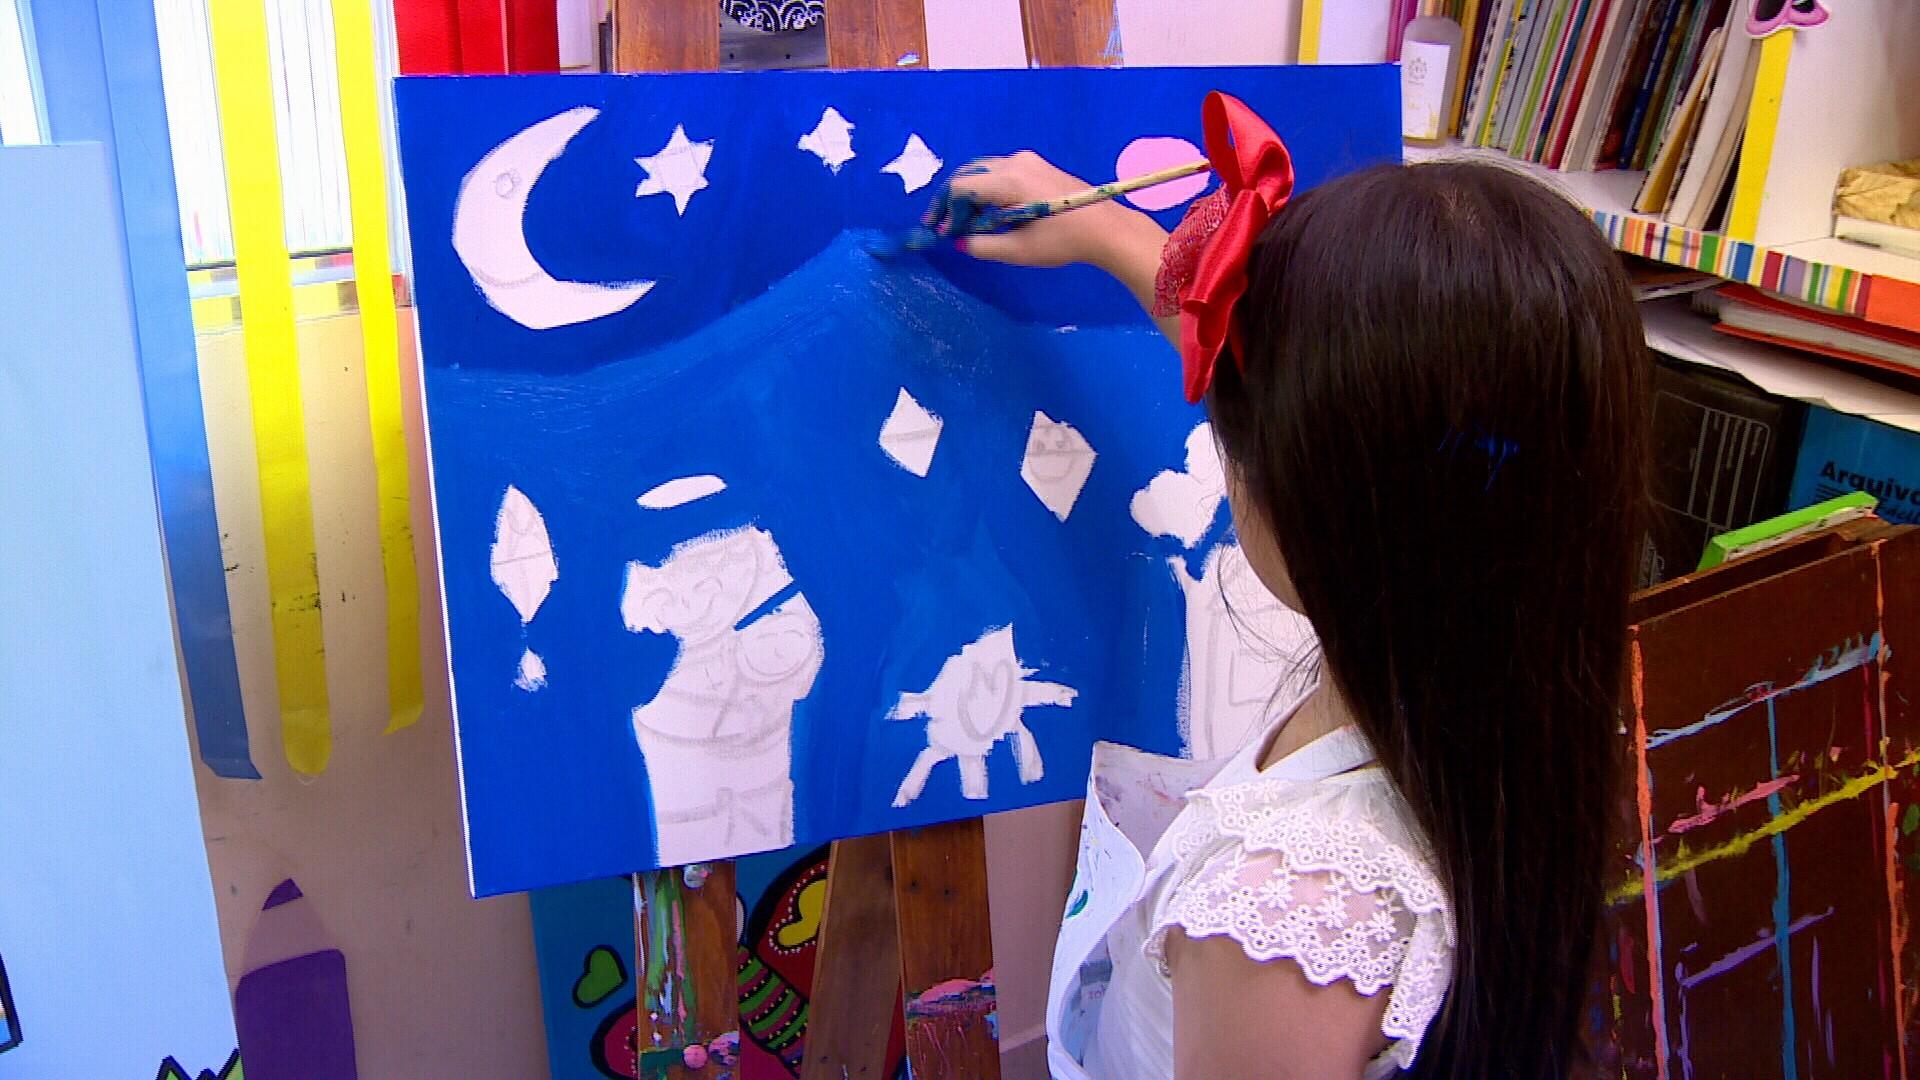 Projeto ensina arte com diversão para crianças (Foto: Amazônia Revista)